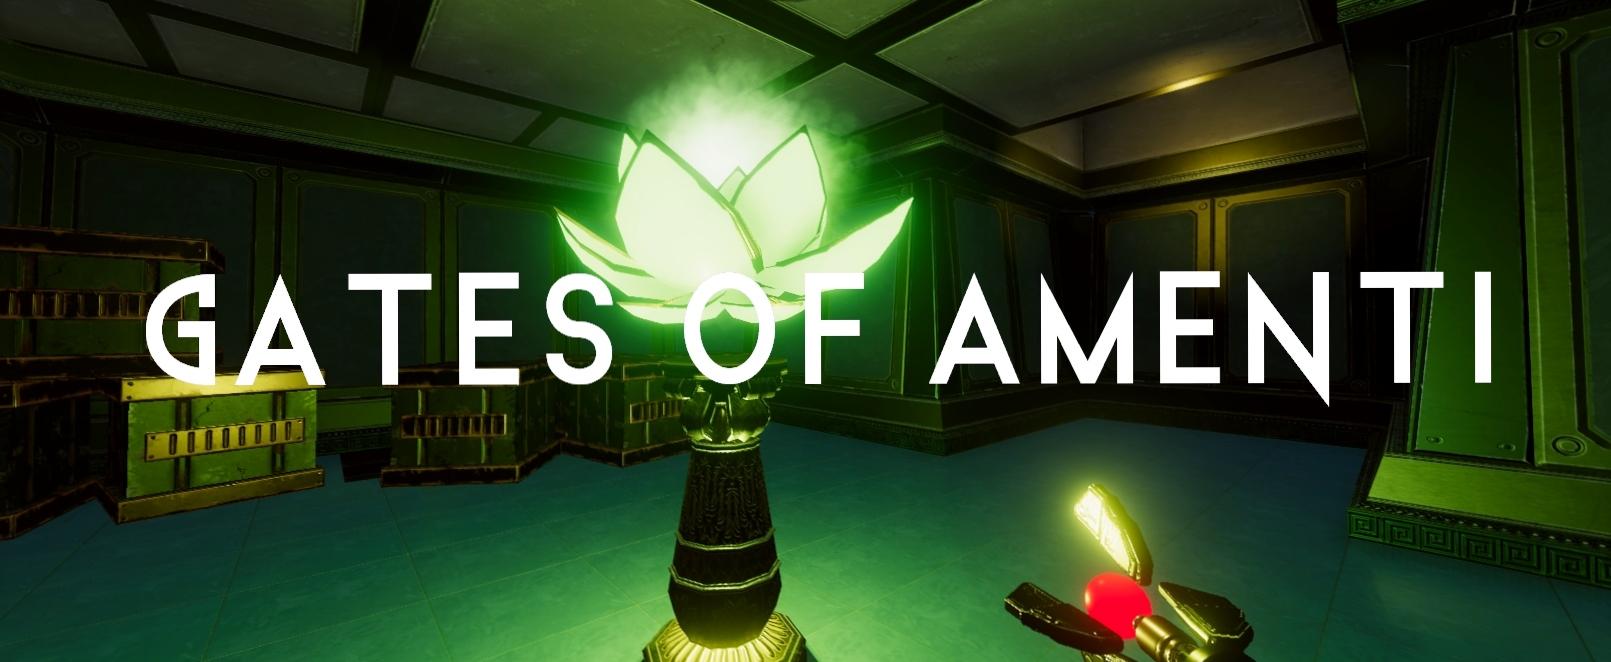 Gates Of Amenti(Demo)